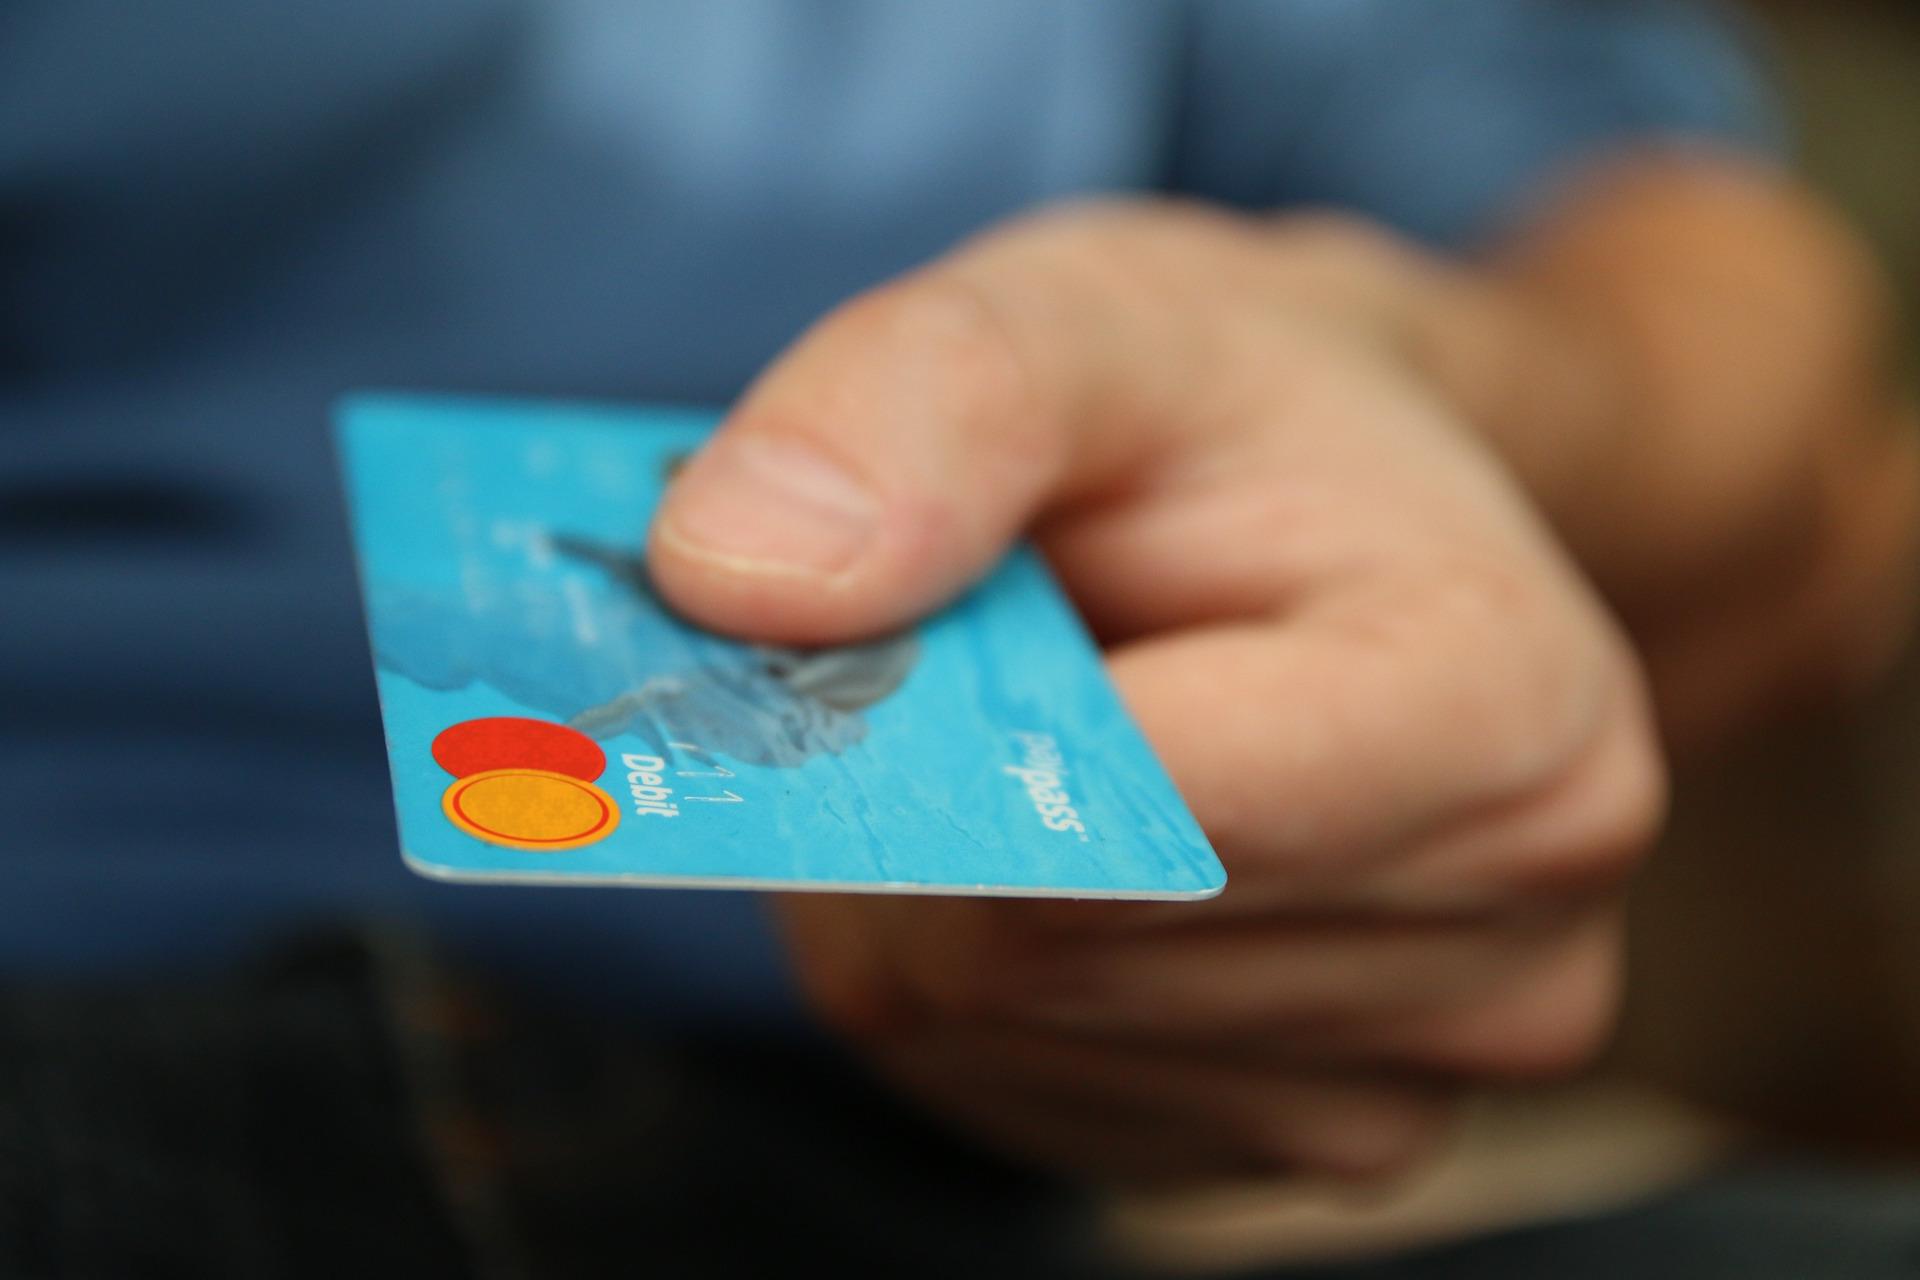 Comerciantul refuza returnarea banilor sau schimbarea produsului ! - Răspunsuri tiparesteacasa.ro